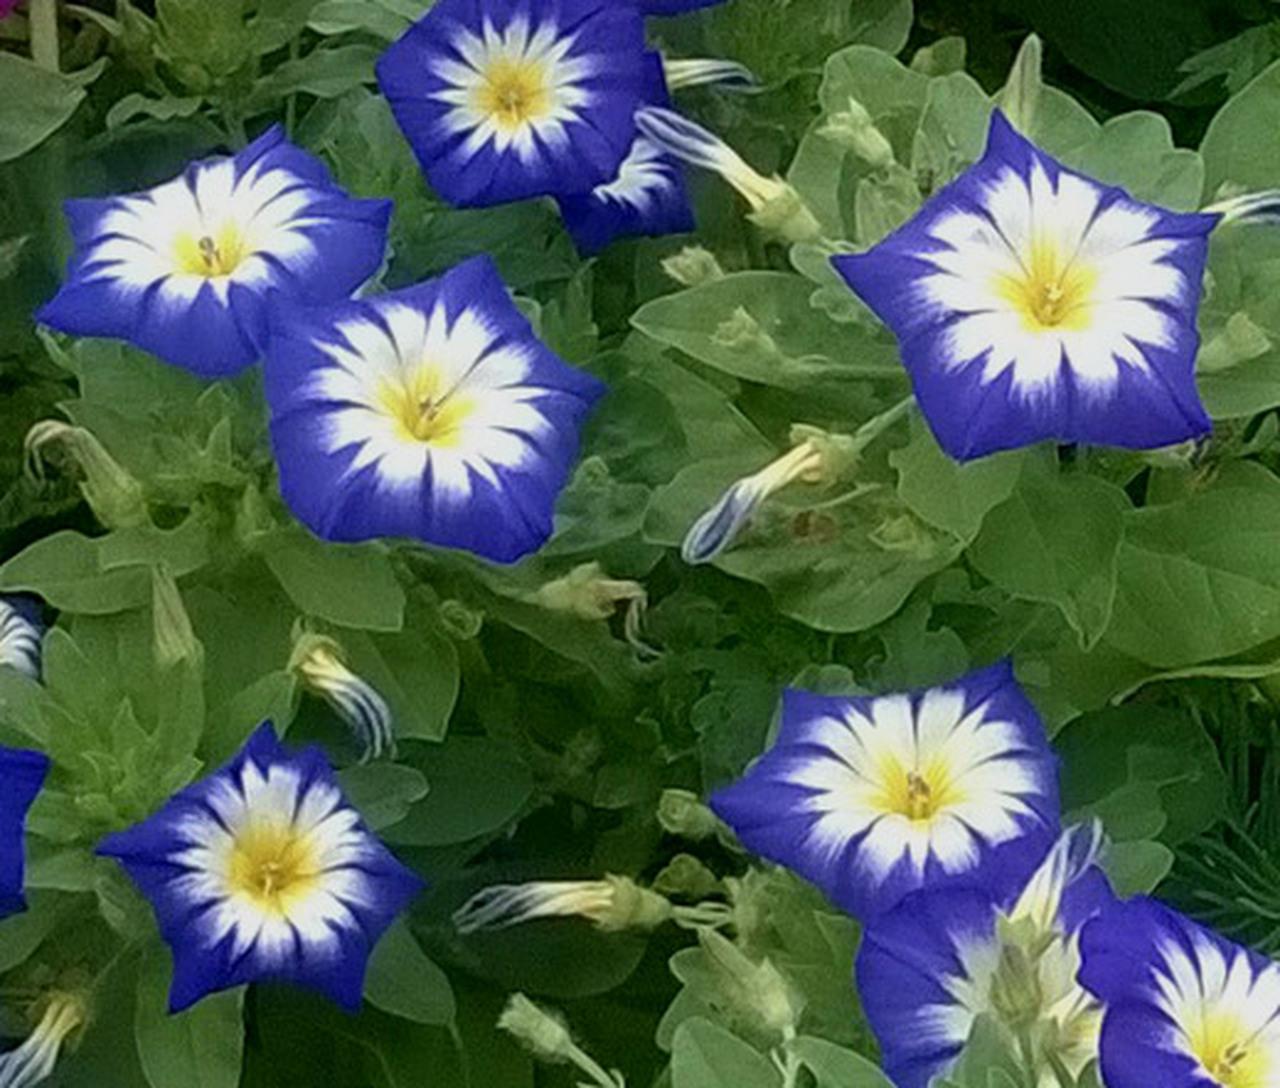 Ảnh hoa bìm bịp xanh đẹp nhất